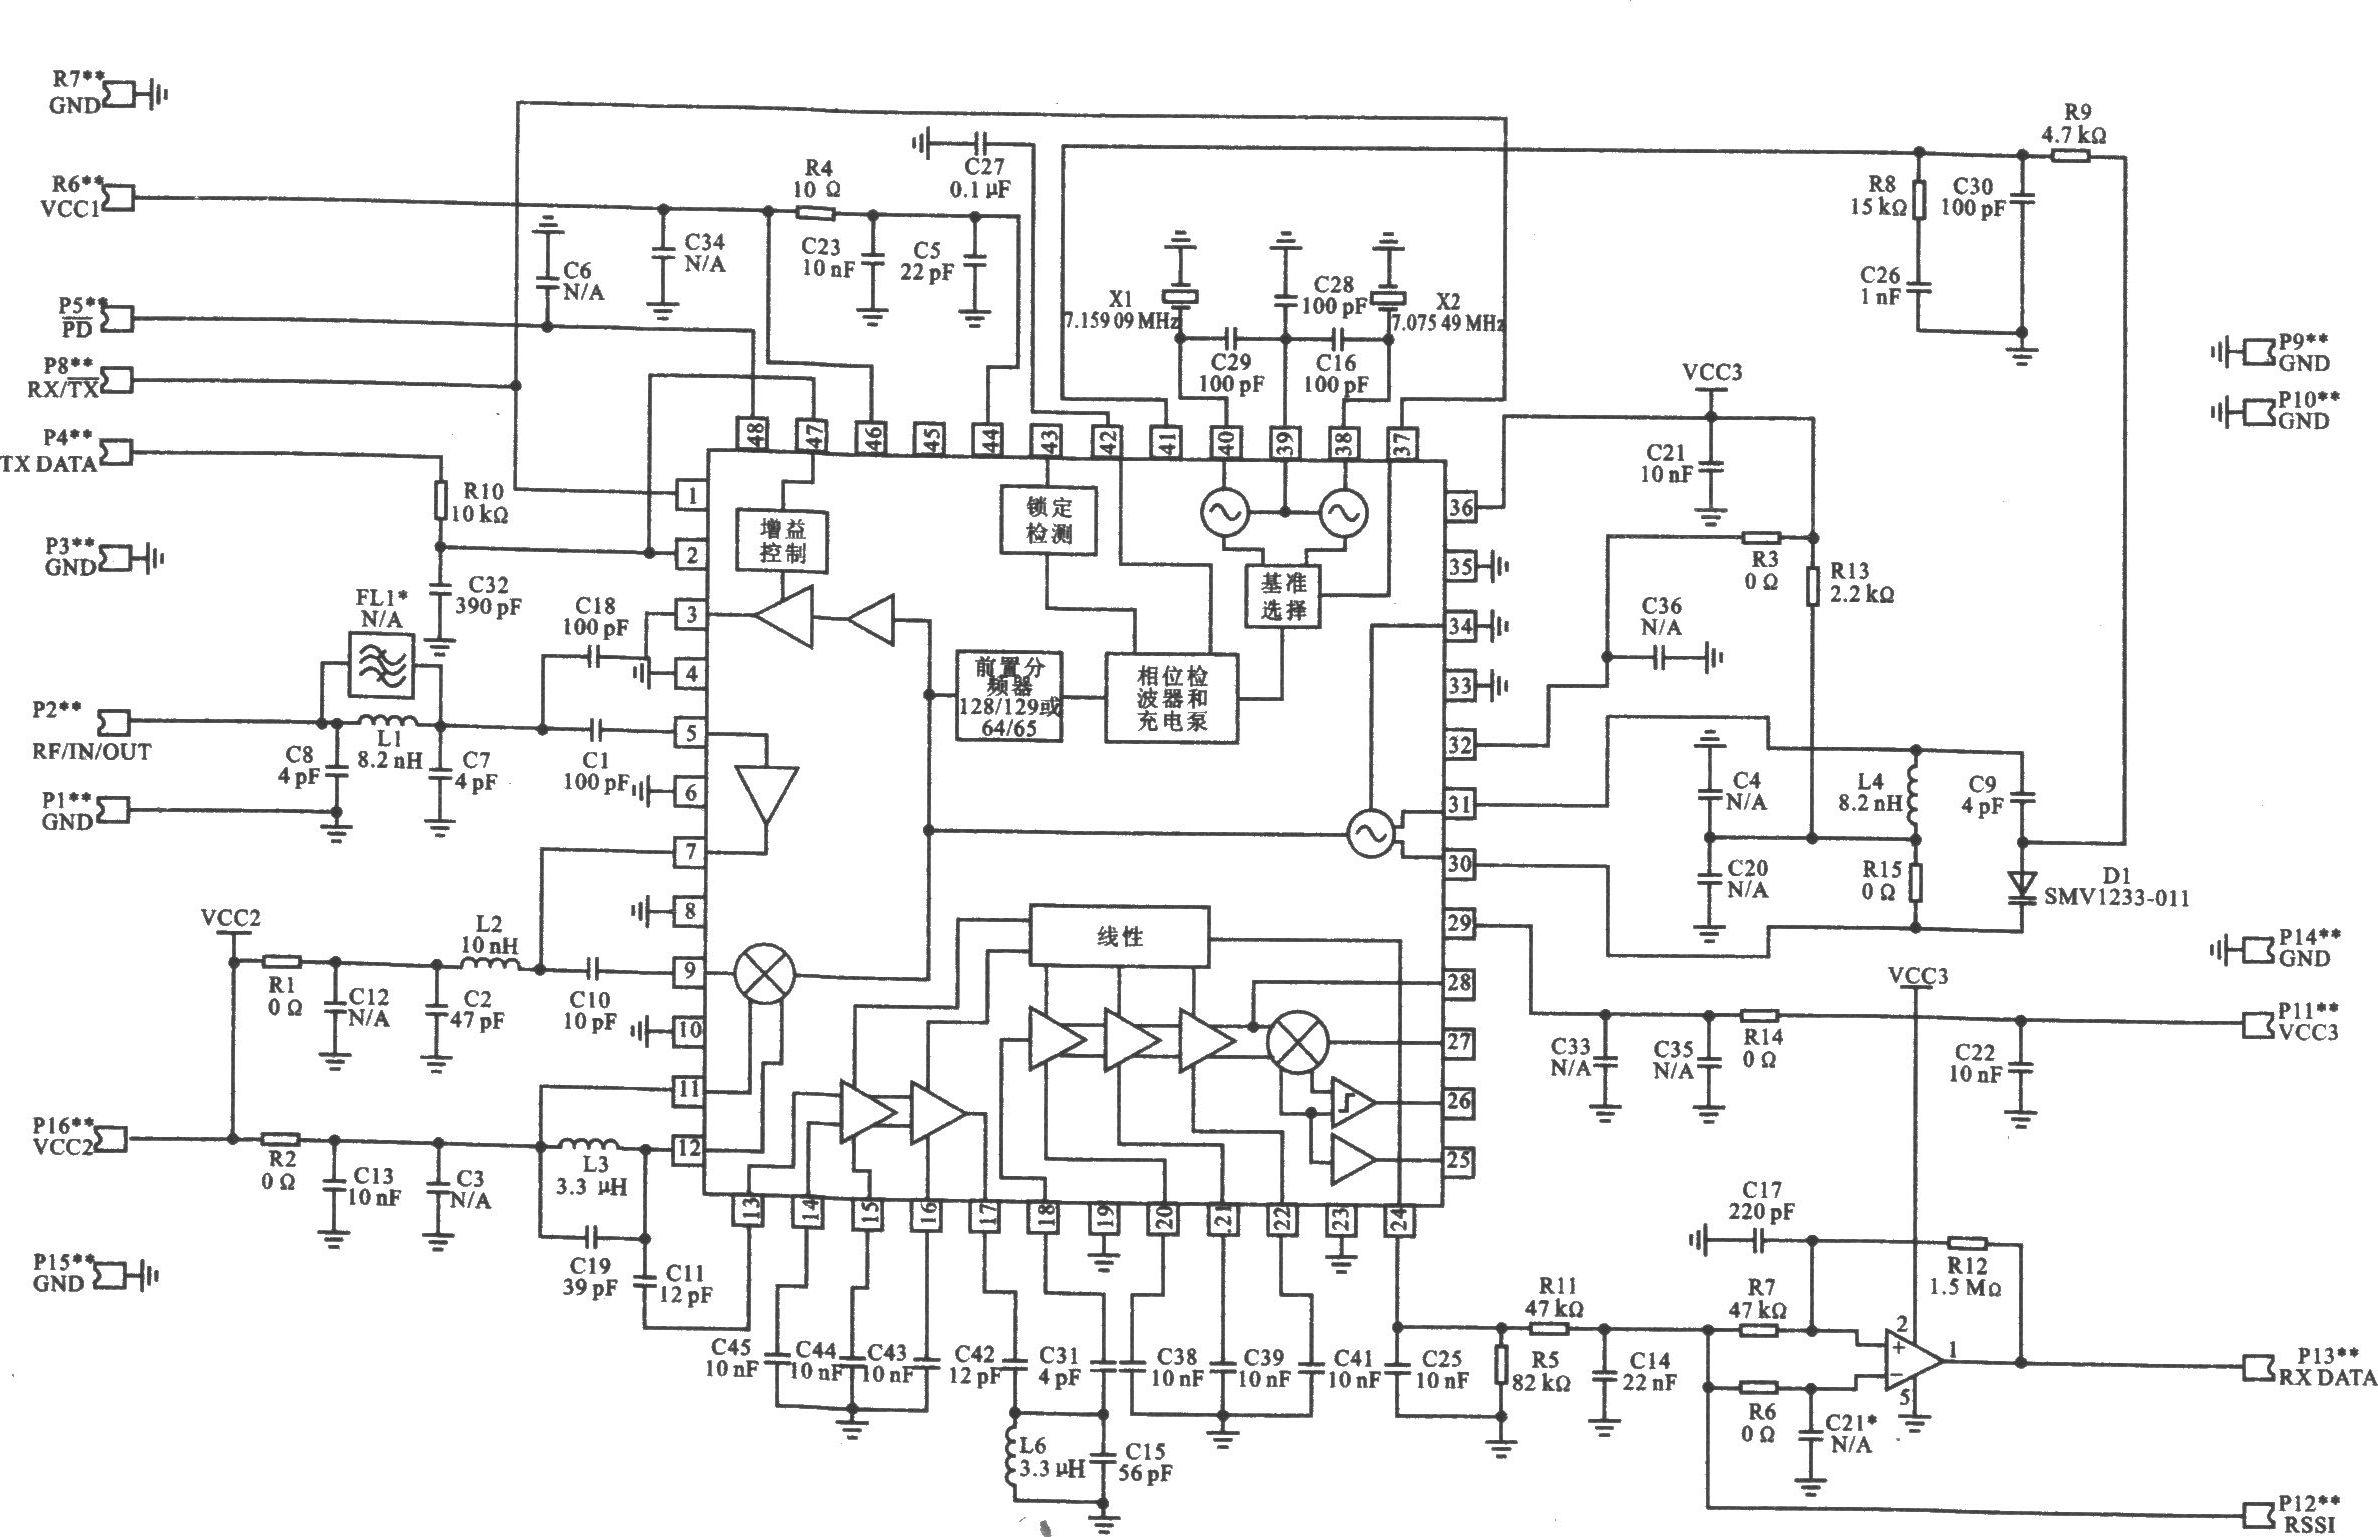 本电路图所用到的元器件: RD0300 RD0300是采用单变换外差式无线电体系结构,专为低成本设计的收发器模块。它由RRF2905收发器芯片加外围元件及PCB板装配而成,使用方便。RD0300应用于无线键入系统及需要发射和接收数字信号的装置中。 主要技术特点如下: 工作频率为916 MHz; 数据传输速率为l28 Kb/s; 接收灵敏度为-90 dBm; 最大输出功率为2 dBm; 工作电压为2.